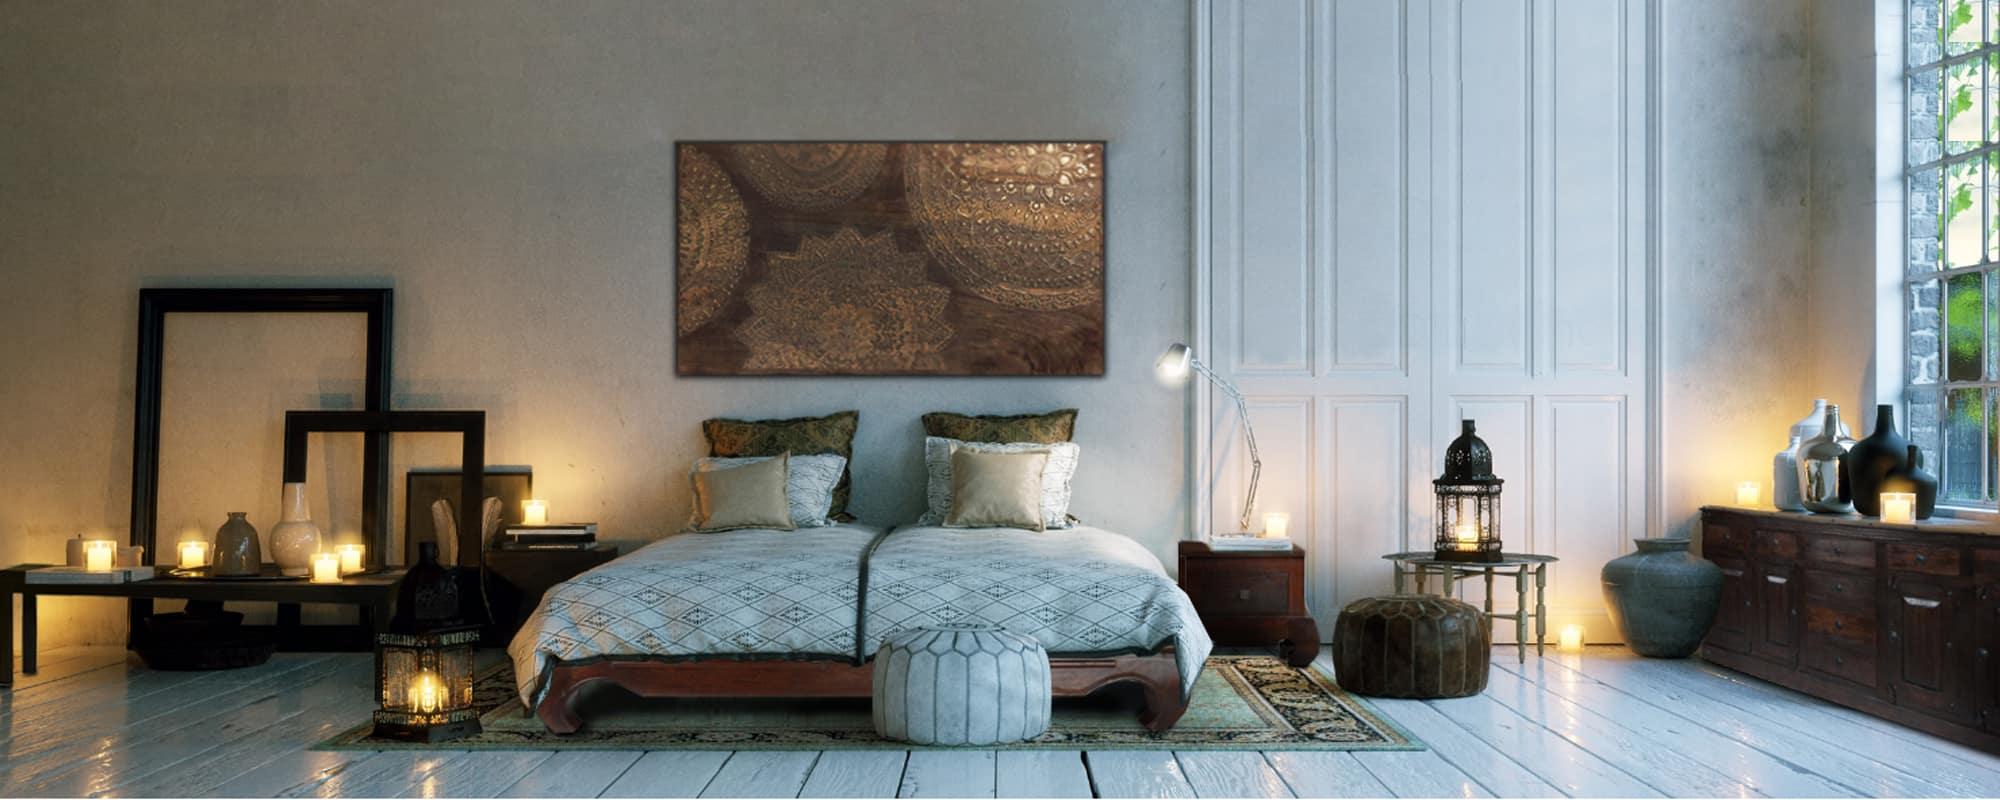 MiaMöbel » Massivholz Möbel online kaufen | MiaMöbel